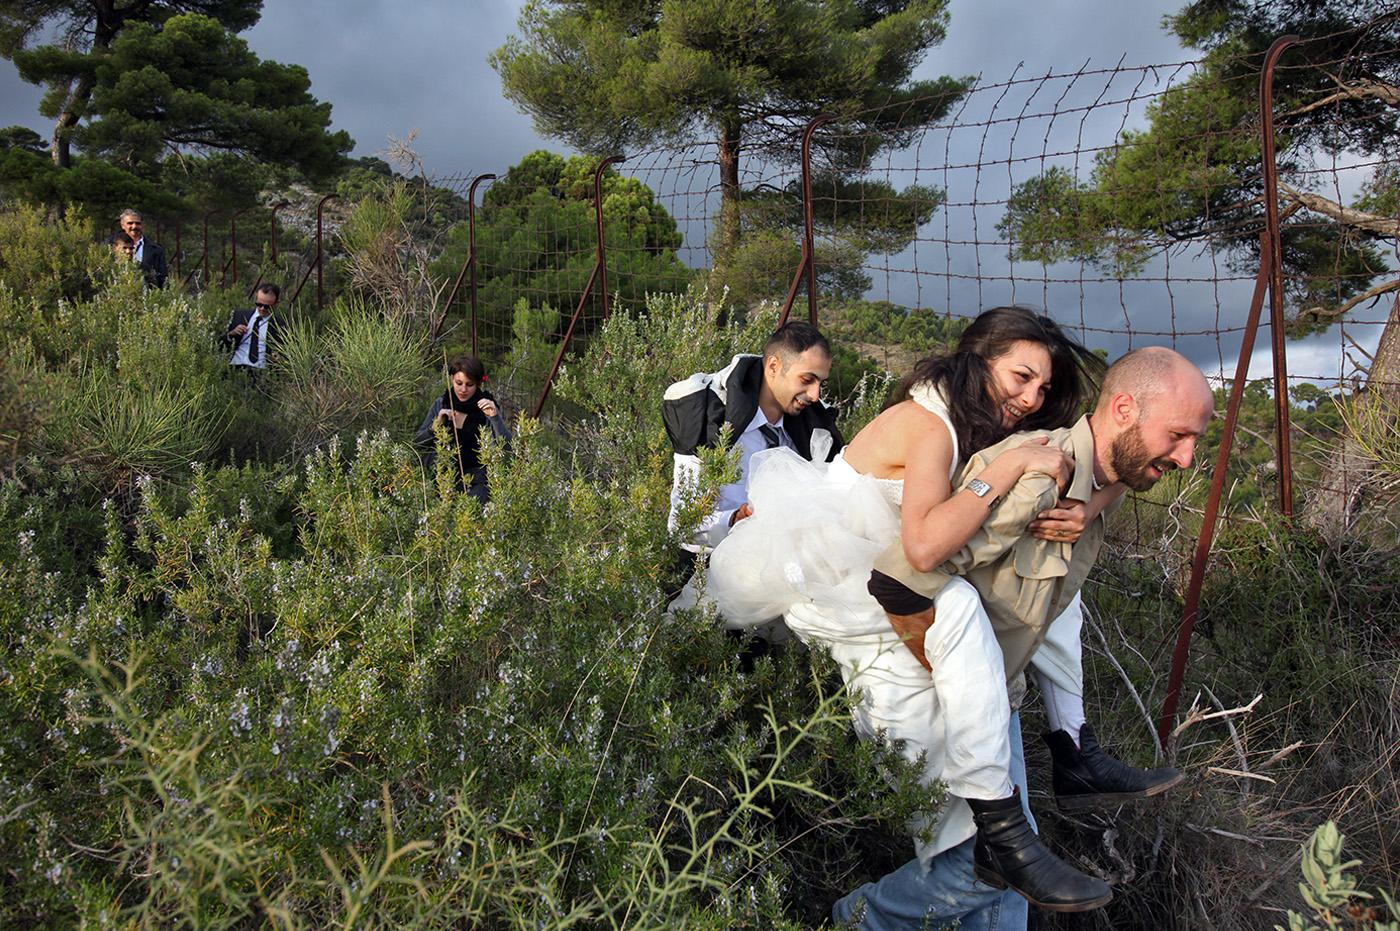 Io sto con la sposa: Tasneem Fared in una buffa scena del documentario sull'immigrazione